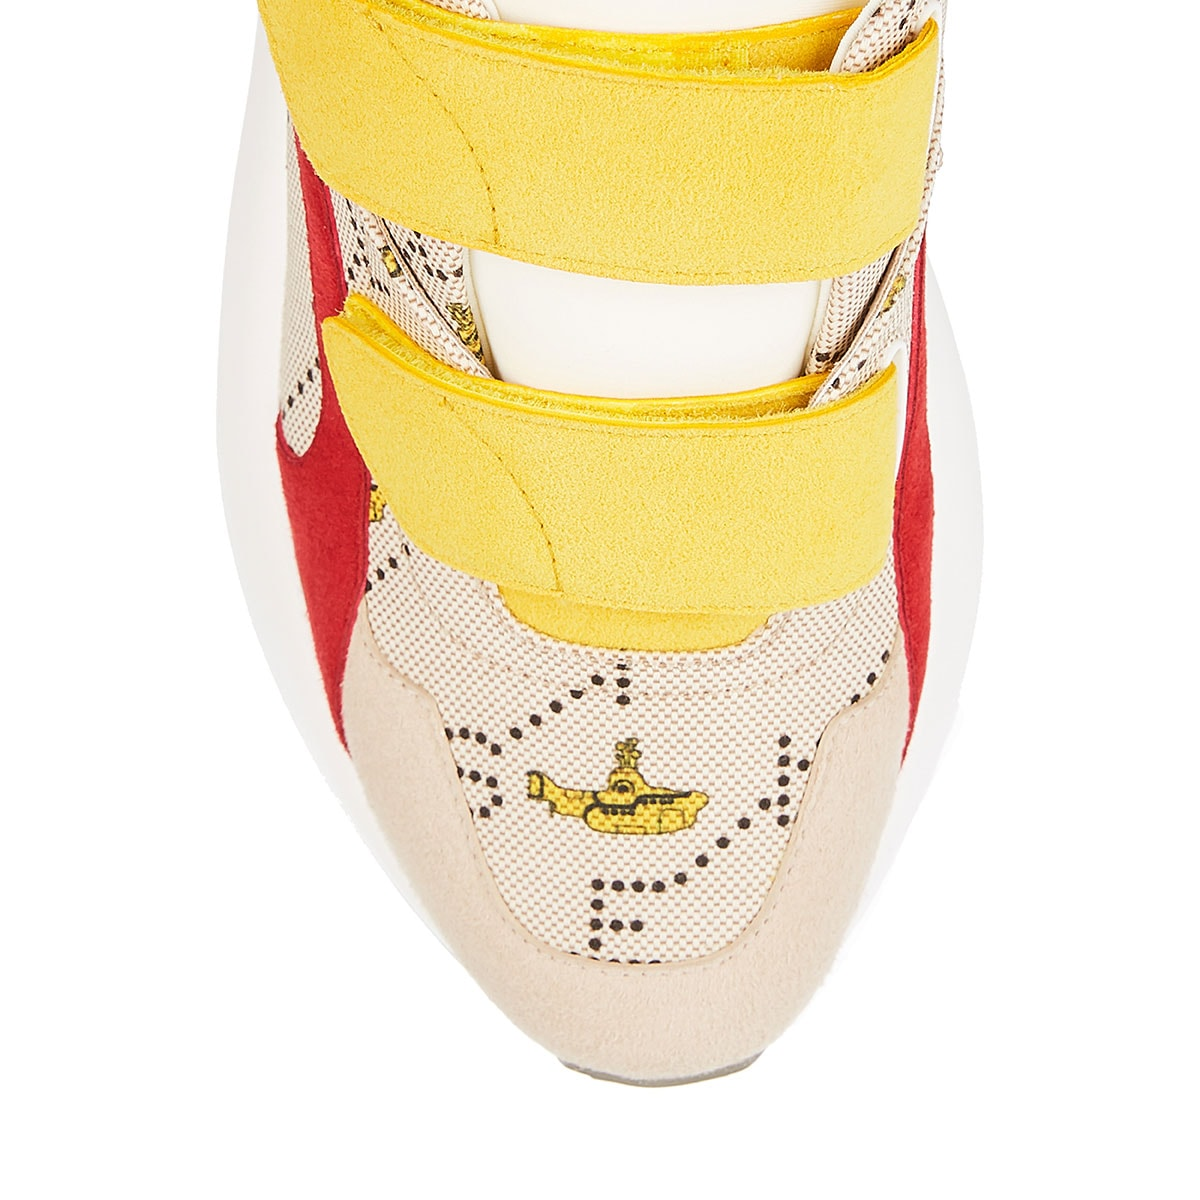 + The Beatles Yellow Submarine Eclypse sneakers